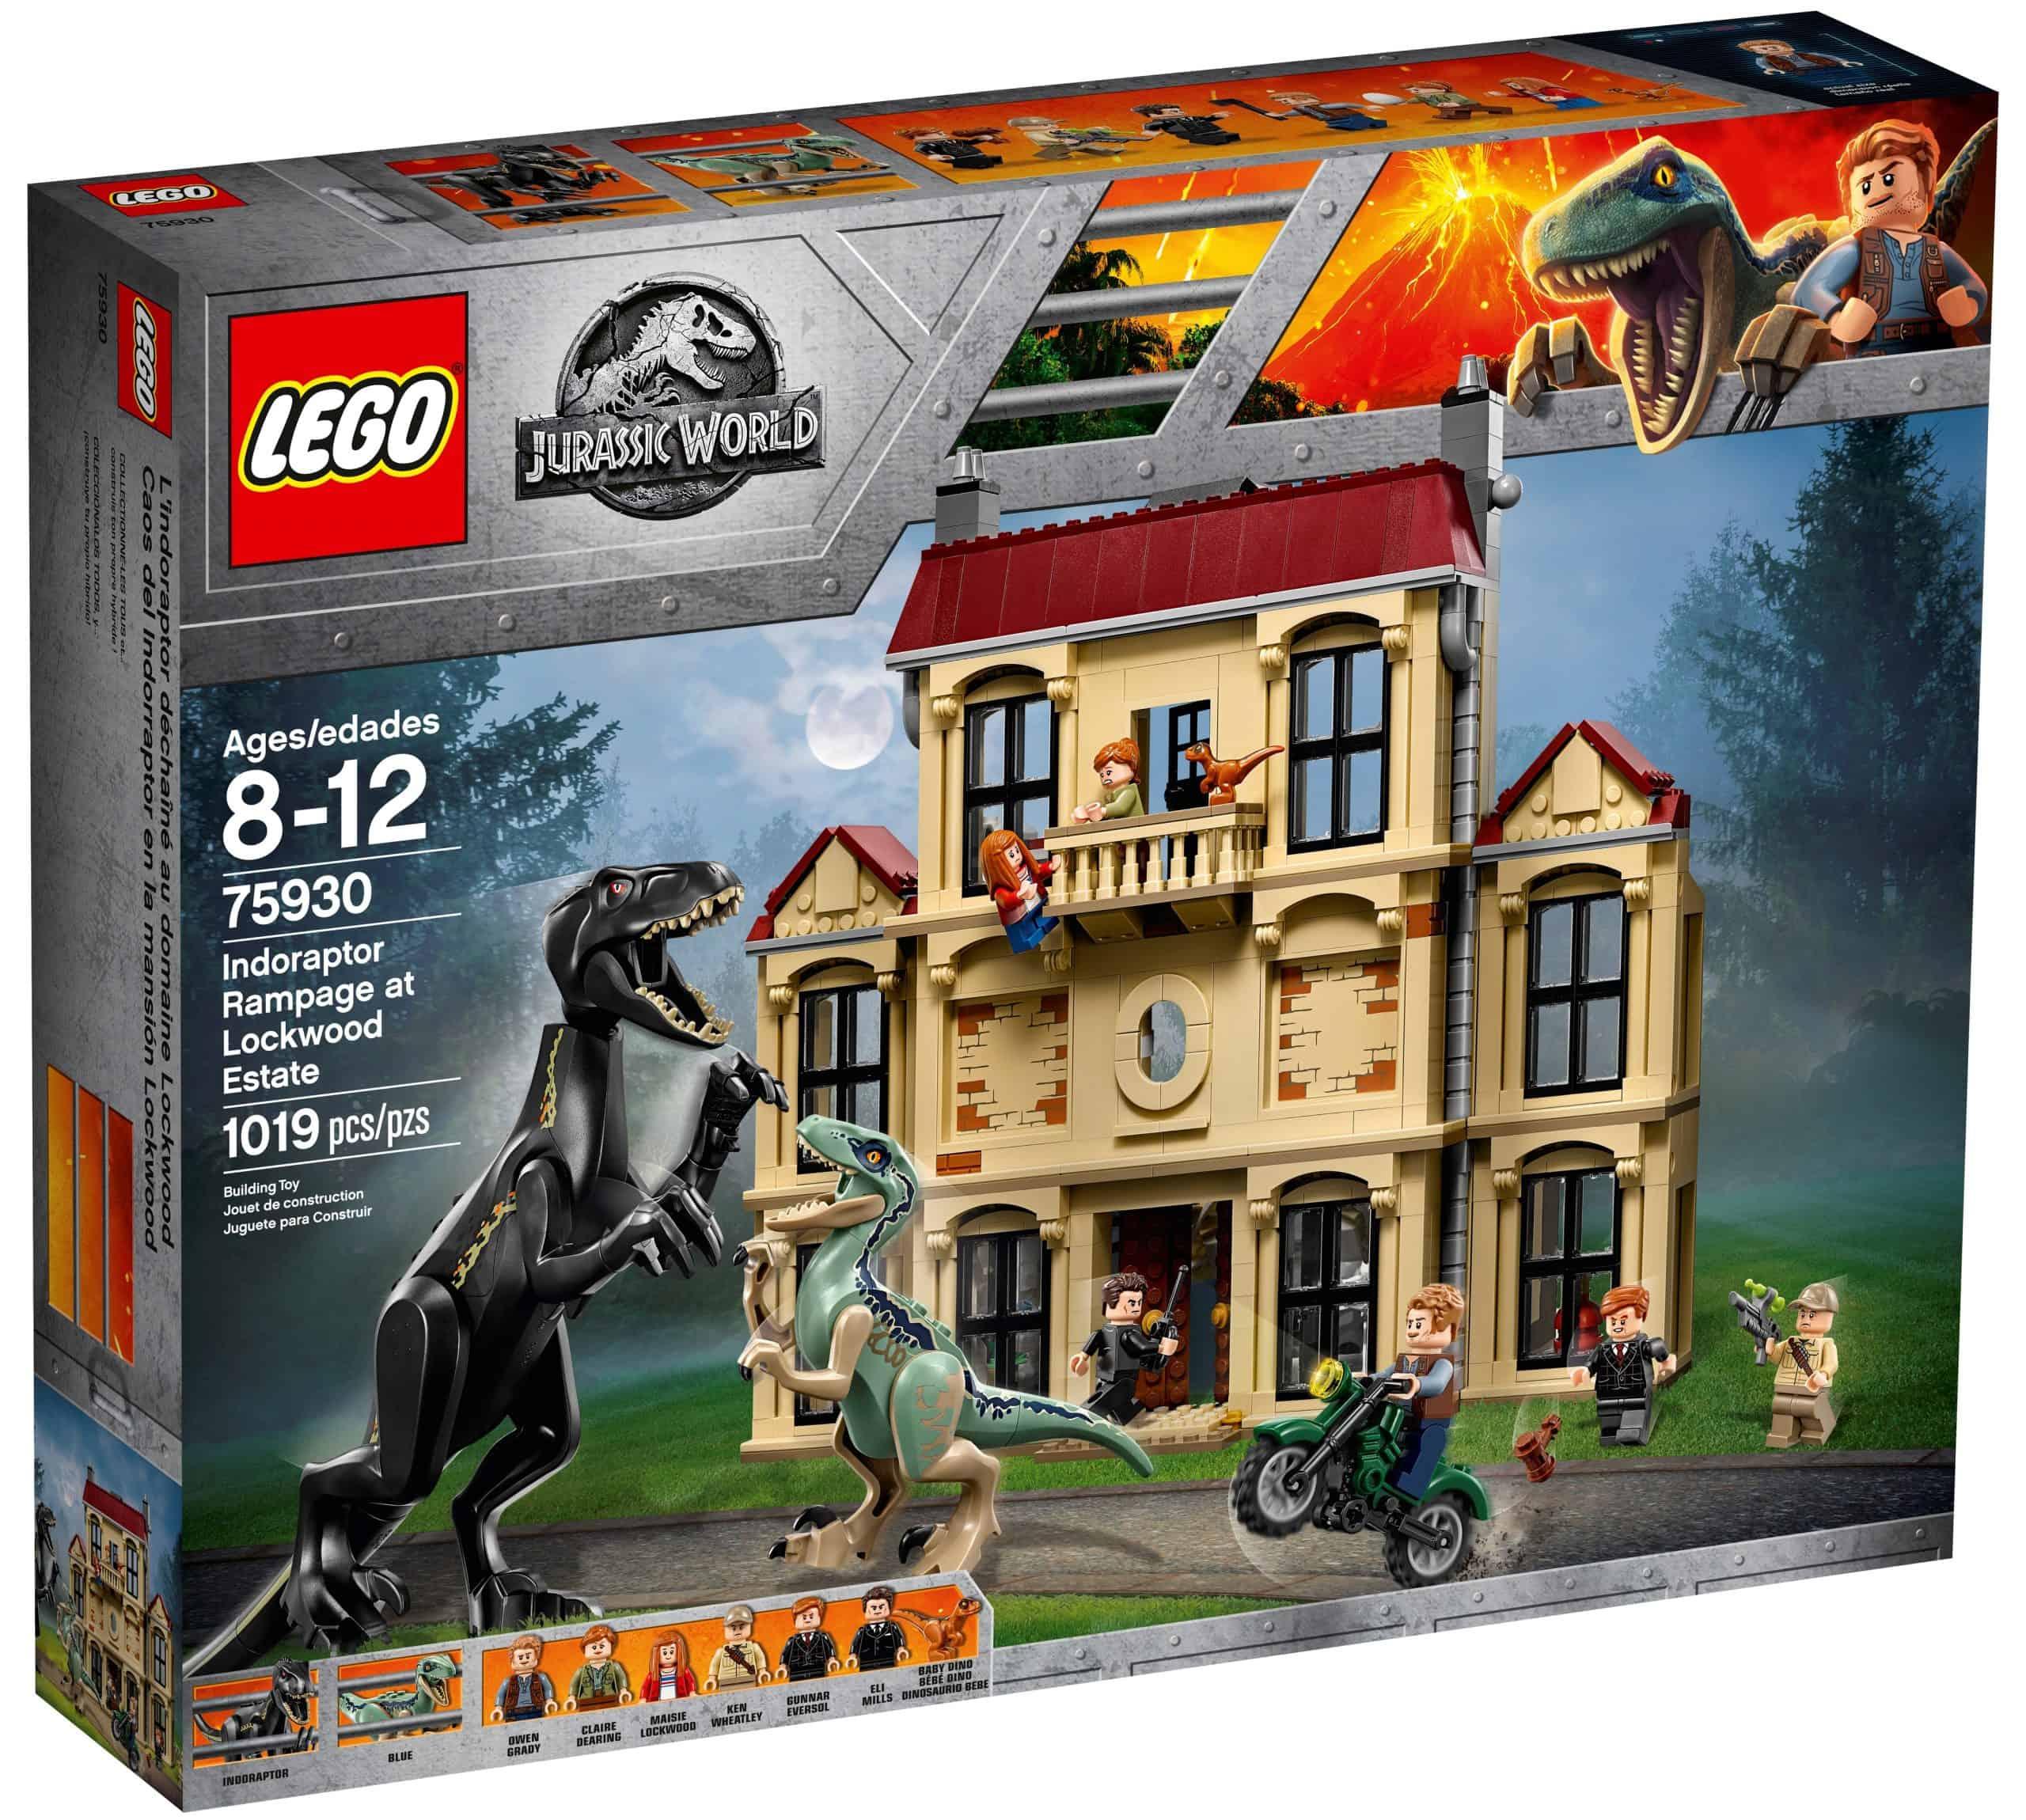 lego 75930 indoraptor kaos pa lockwood estate scaled